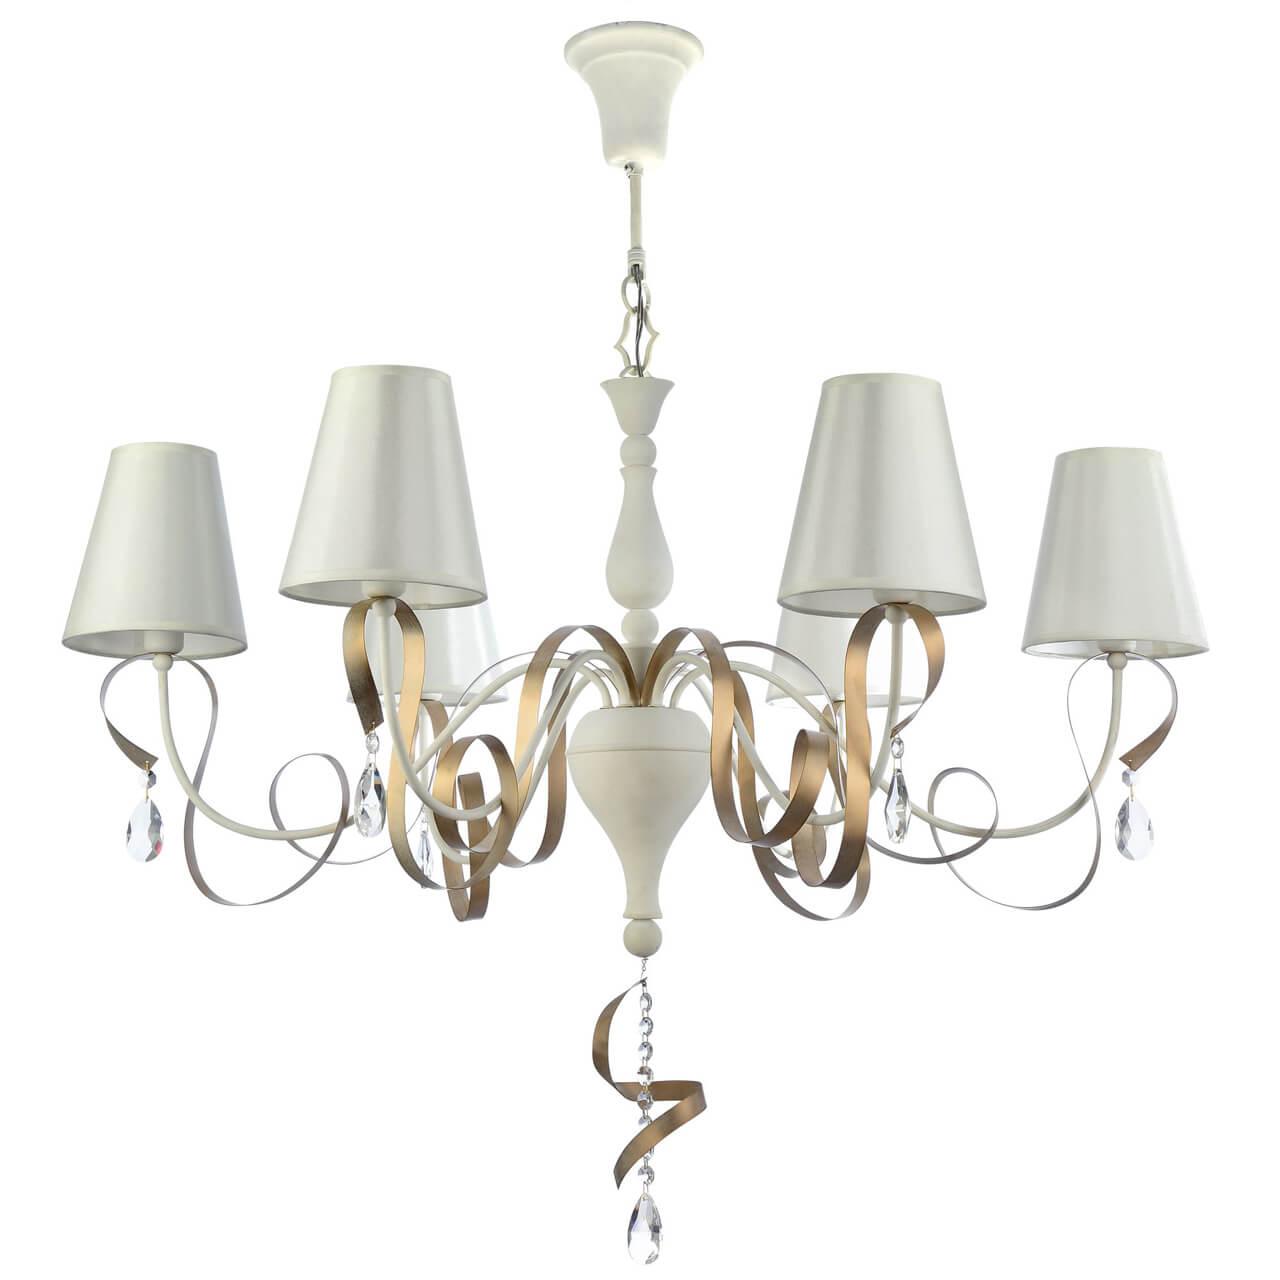 Люстра Maytoni ARM010-06-W Intreccio maytoni настольная лампа maytoni intreccio arm010 11 r